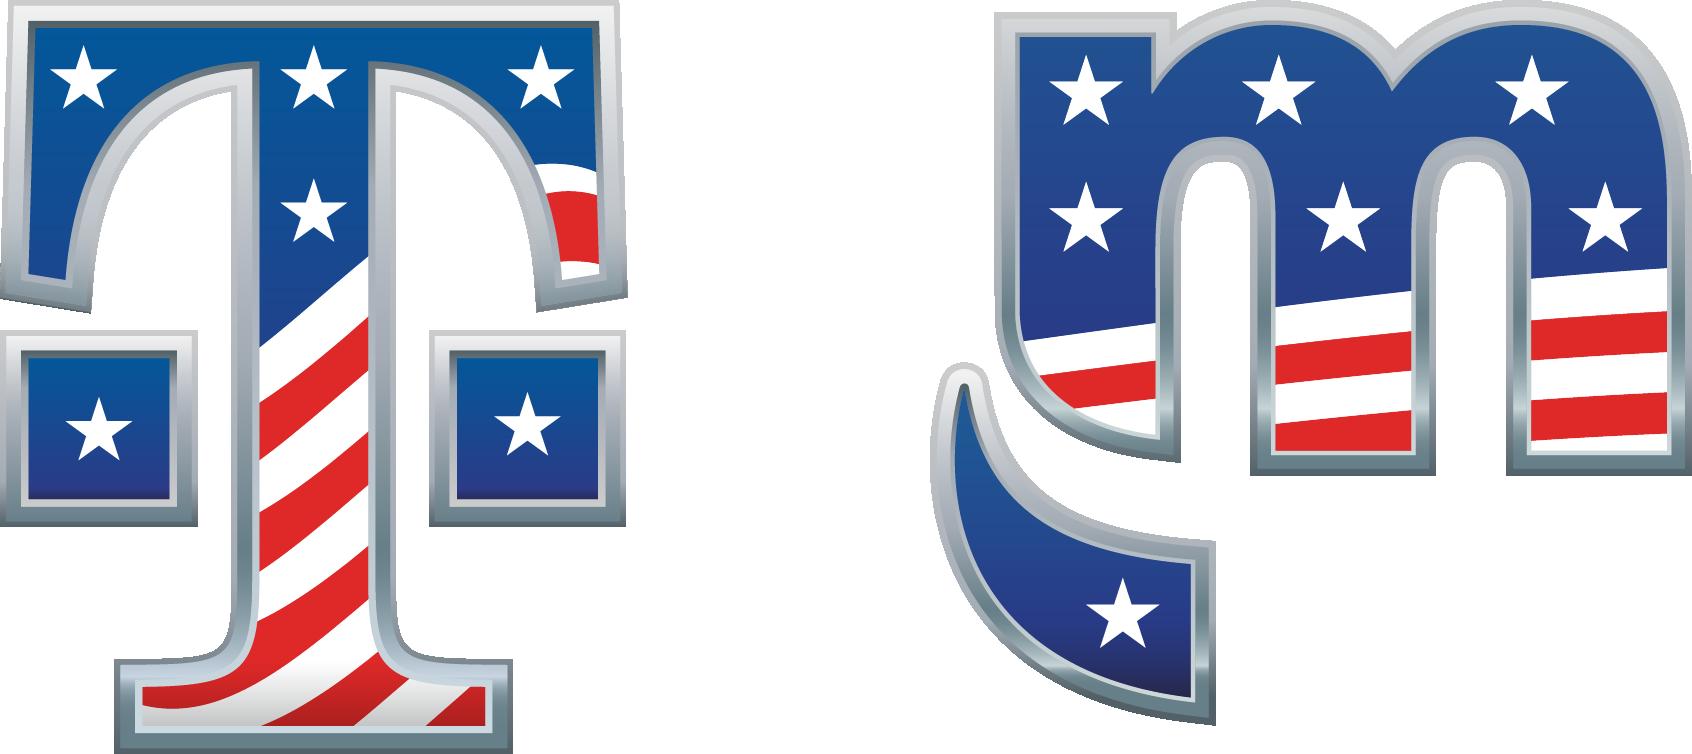 Logotipos de agradecimiento militar de T-Mobile y Metro by T-Mobile.